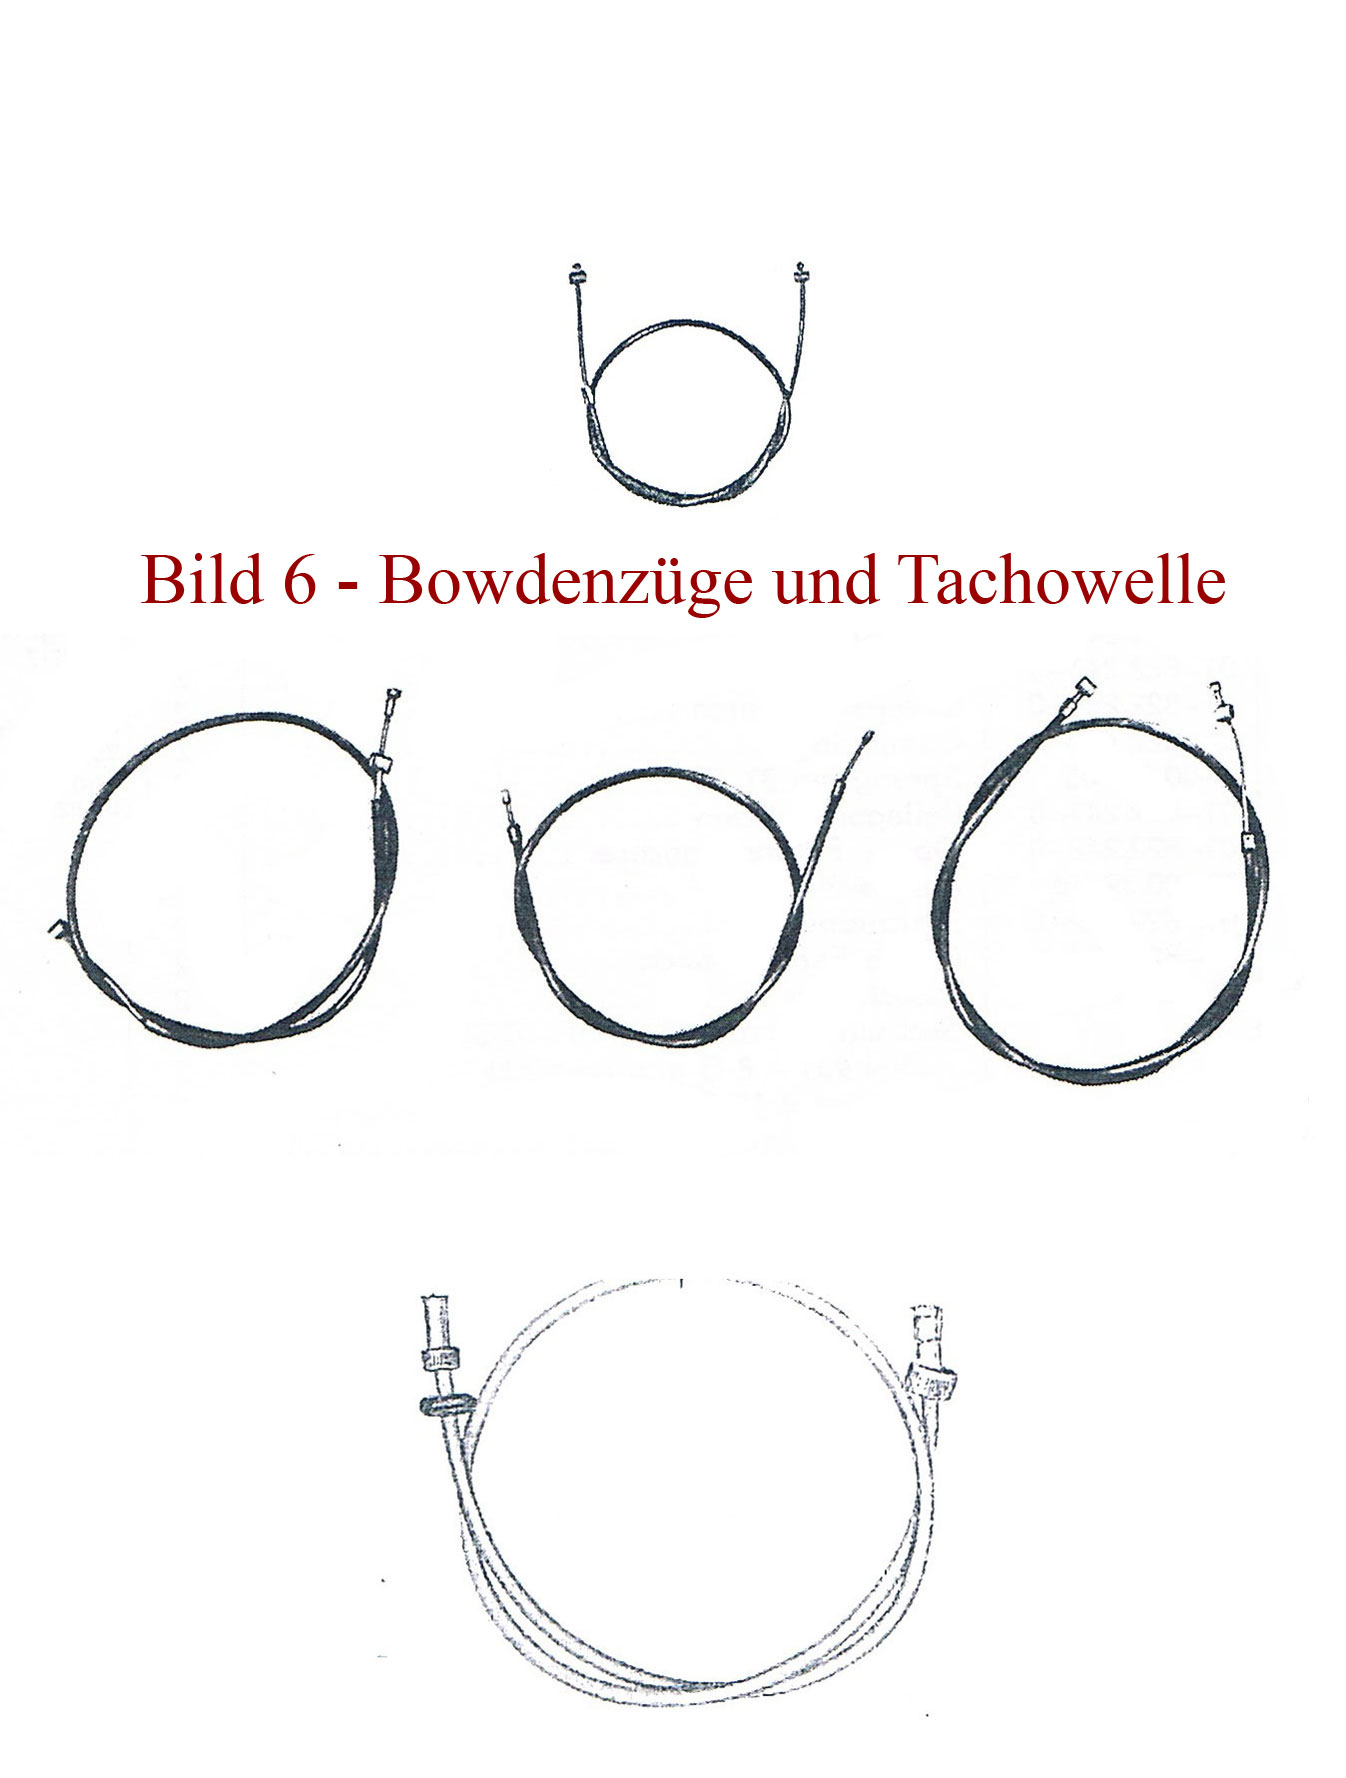 Ersatzteile zu Bowdenzügen IFA MZ RT 125